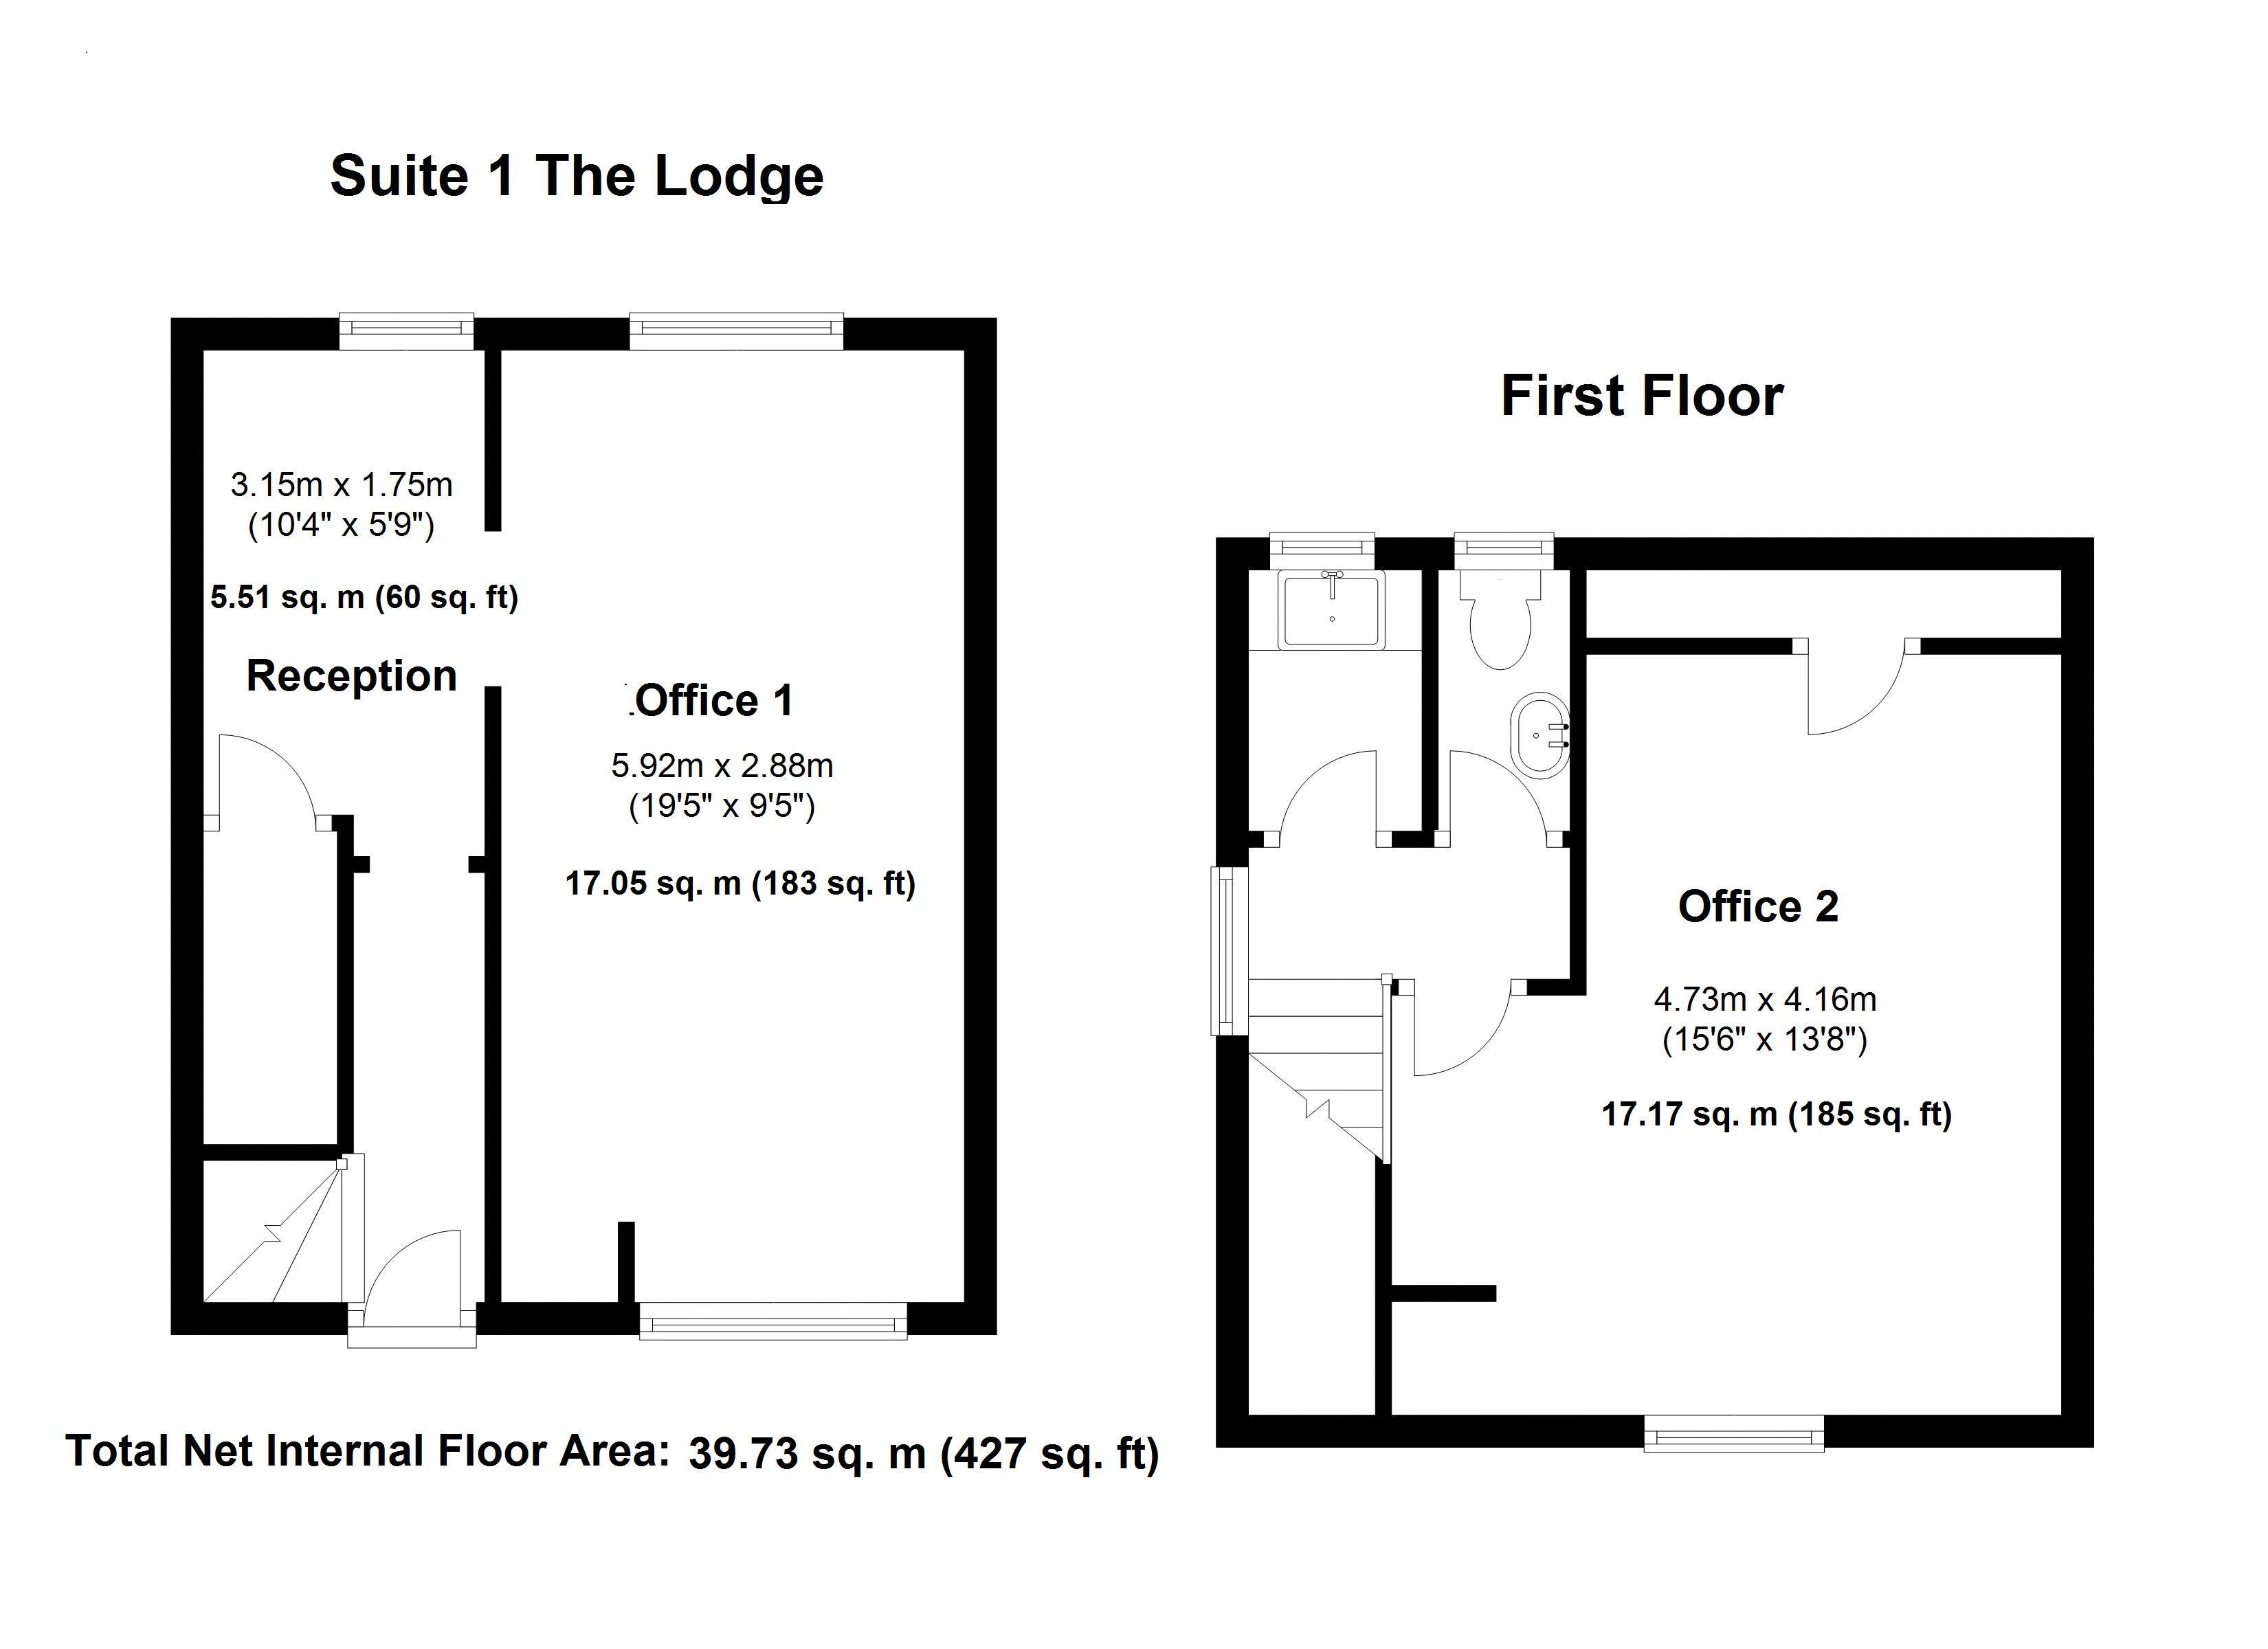 Suite 1 - The Lodge - Floor Plan